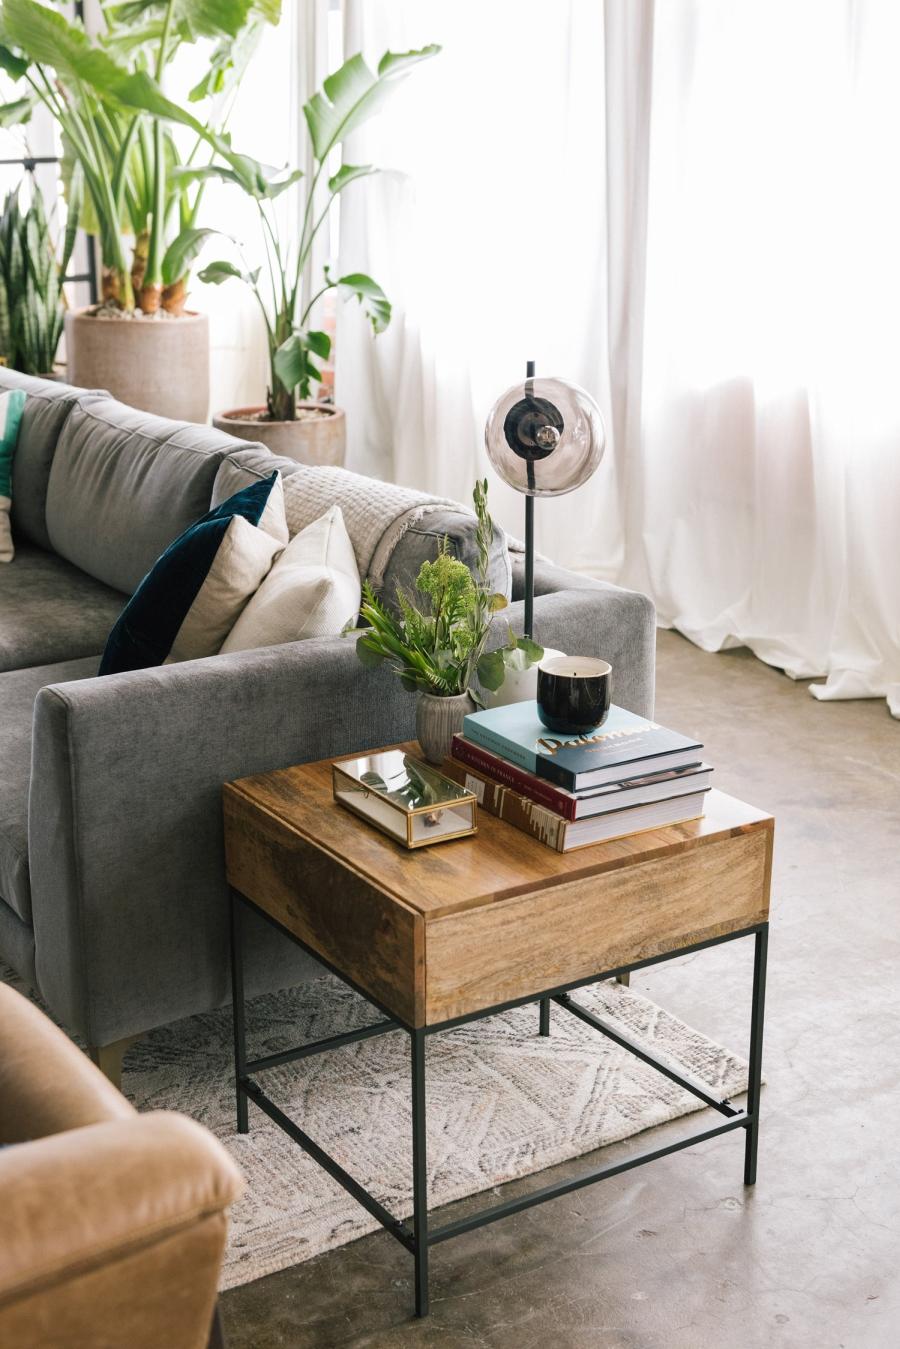 Loft urządzony w trendzie urban jungle, wystrój wnętrz, wnętrza, urządzanie domu, dekoracje wnętrz, aranżacja wnętrz, inspiracje wnętrz,interior design , dom i wnętrze, aranżacja mieszkania, modne wnętrza, loft, styl loftowy, styl industrialny, urban jungle, miejska dżungla, rośliny, kwiaty, zieleń, salon, drewniany stolik